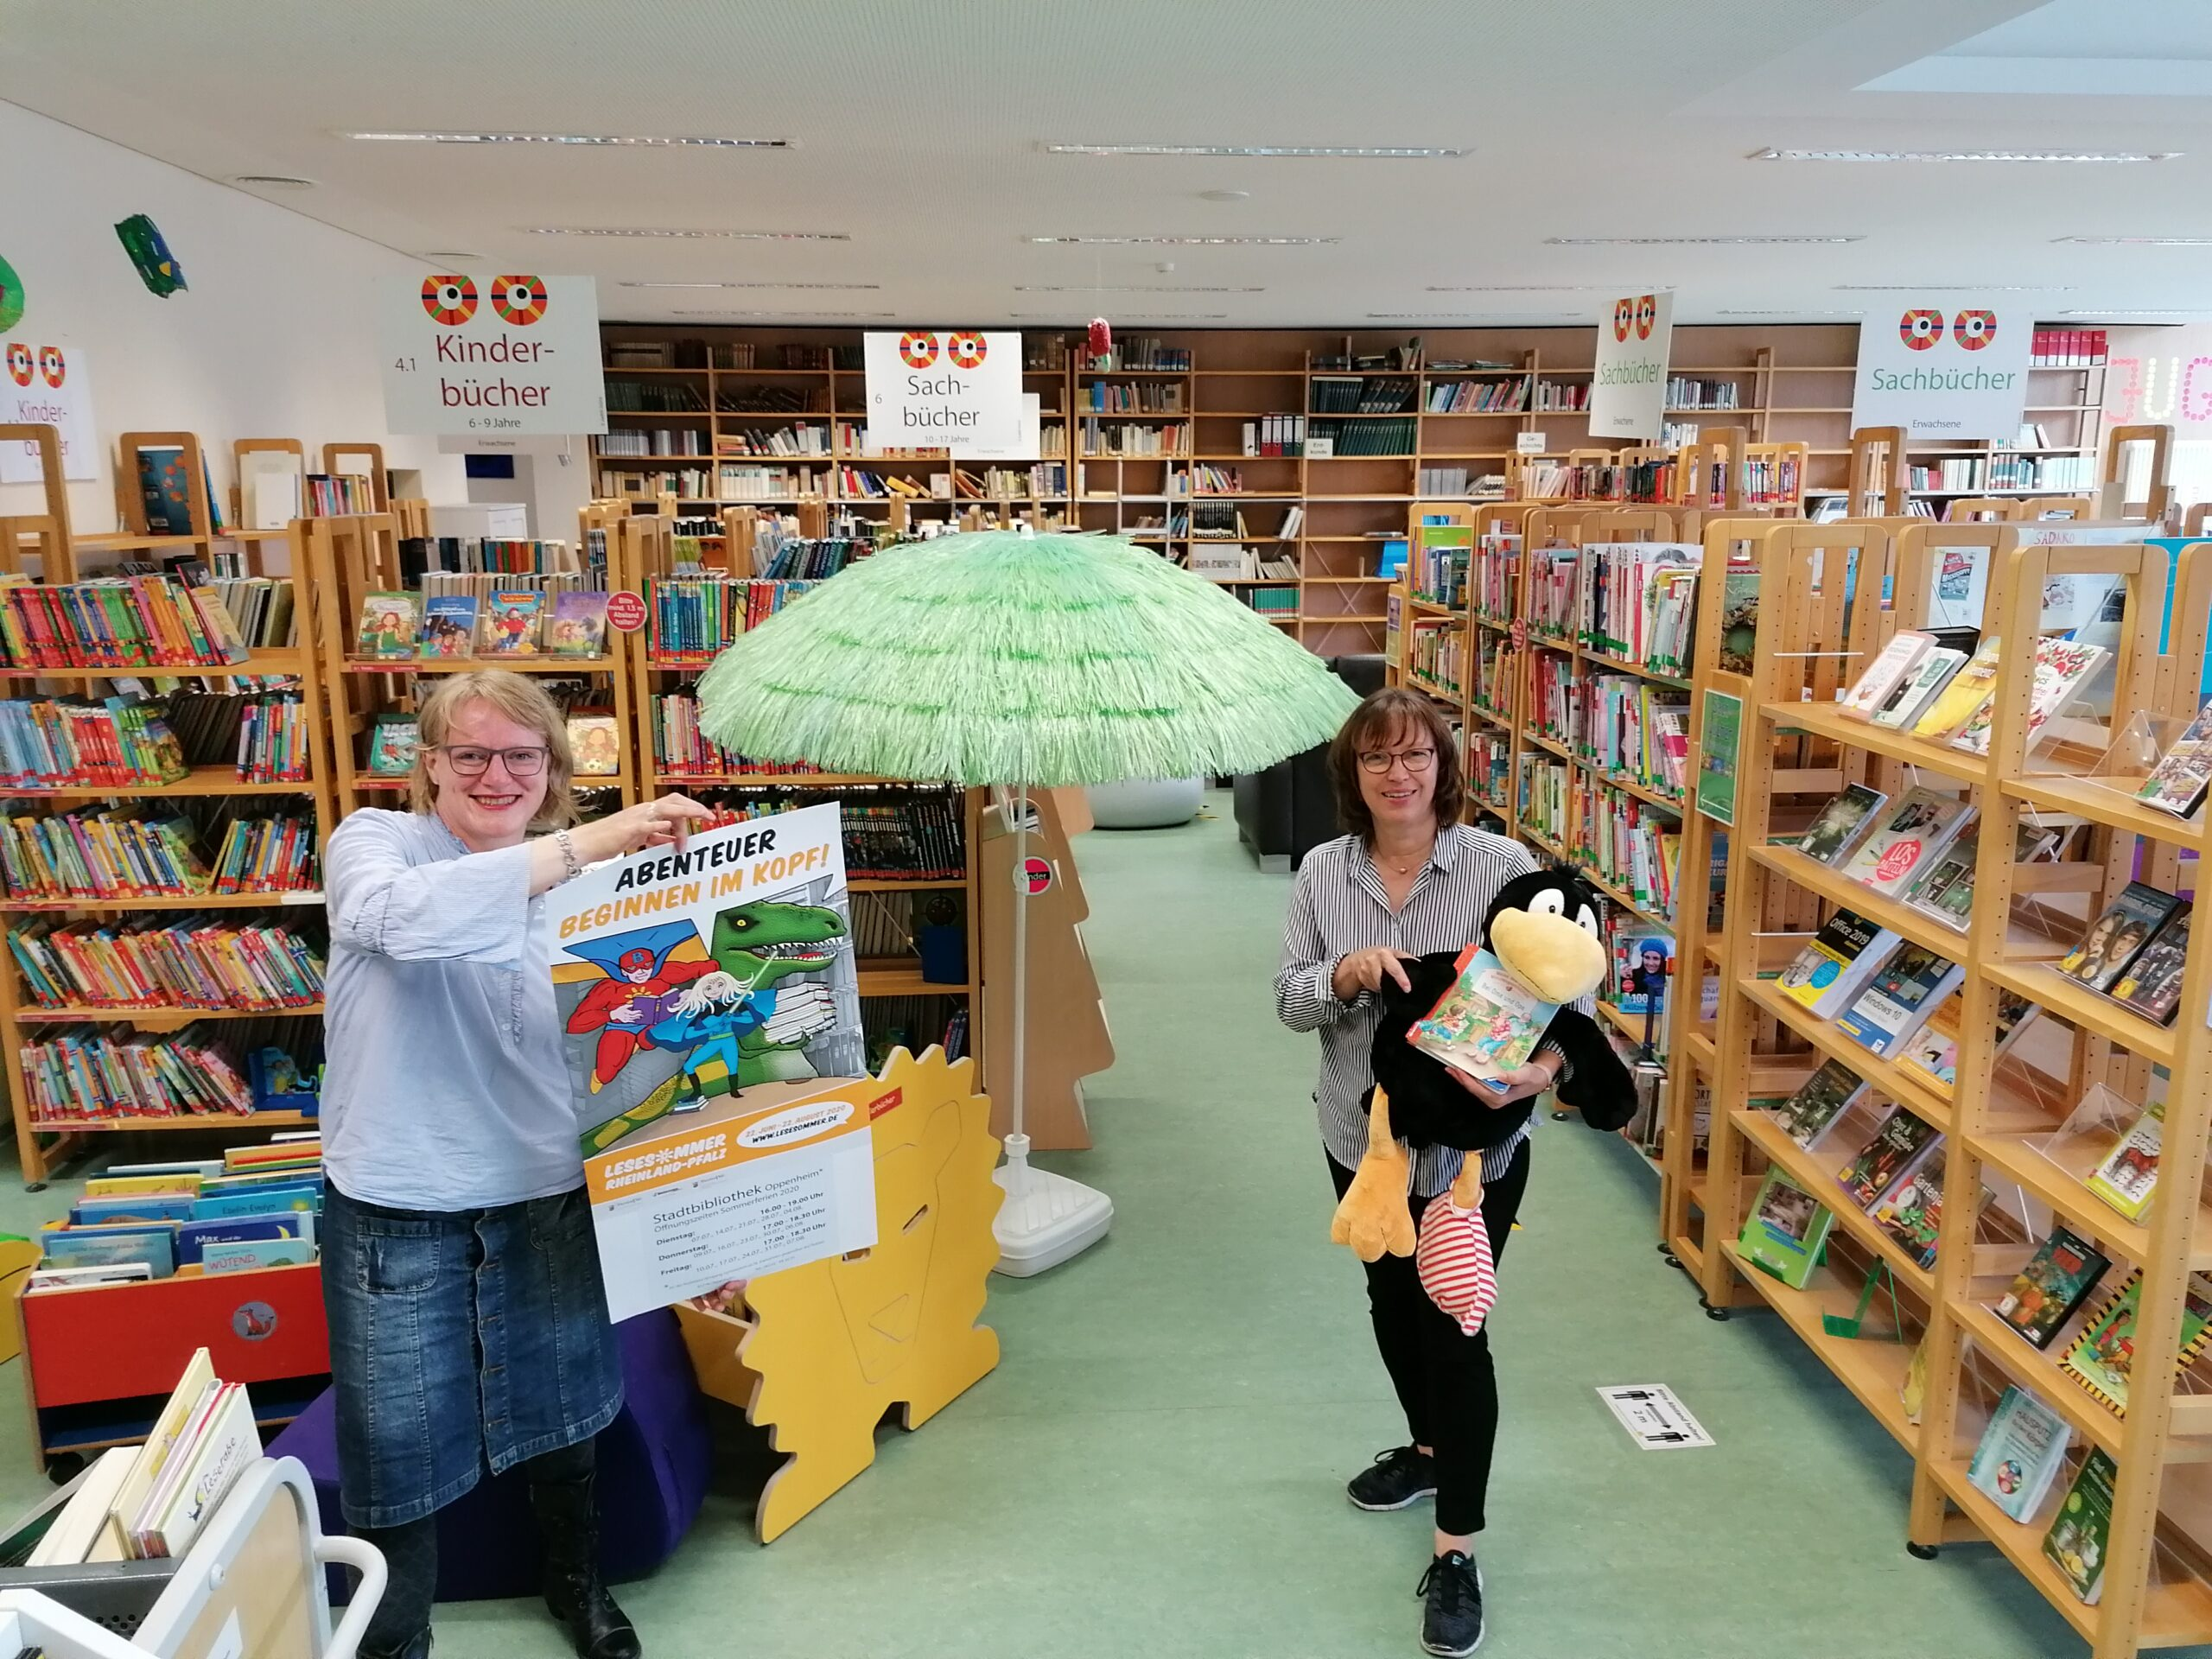 Das Archivfoto aus dem Juni 2020 zeigt Susanne Pohl (re.) und Judith Stürtz (li.) bei der Eröffnung des Lesesommers (© C. Mühleck / Stadt Oppenheim).